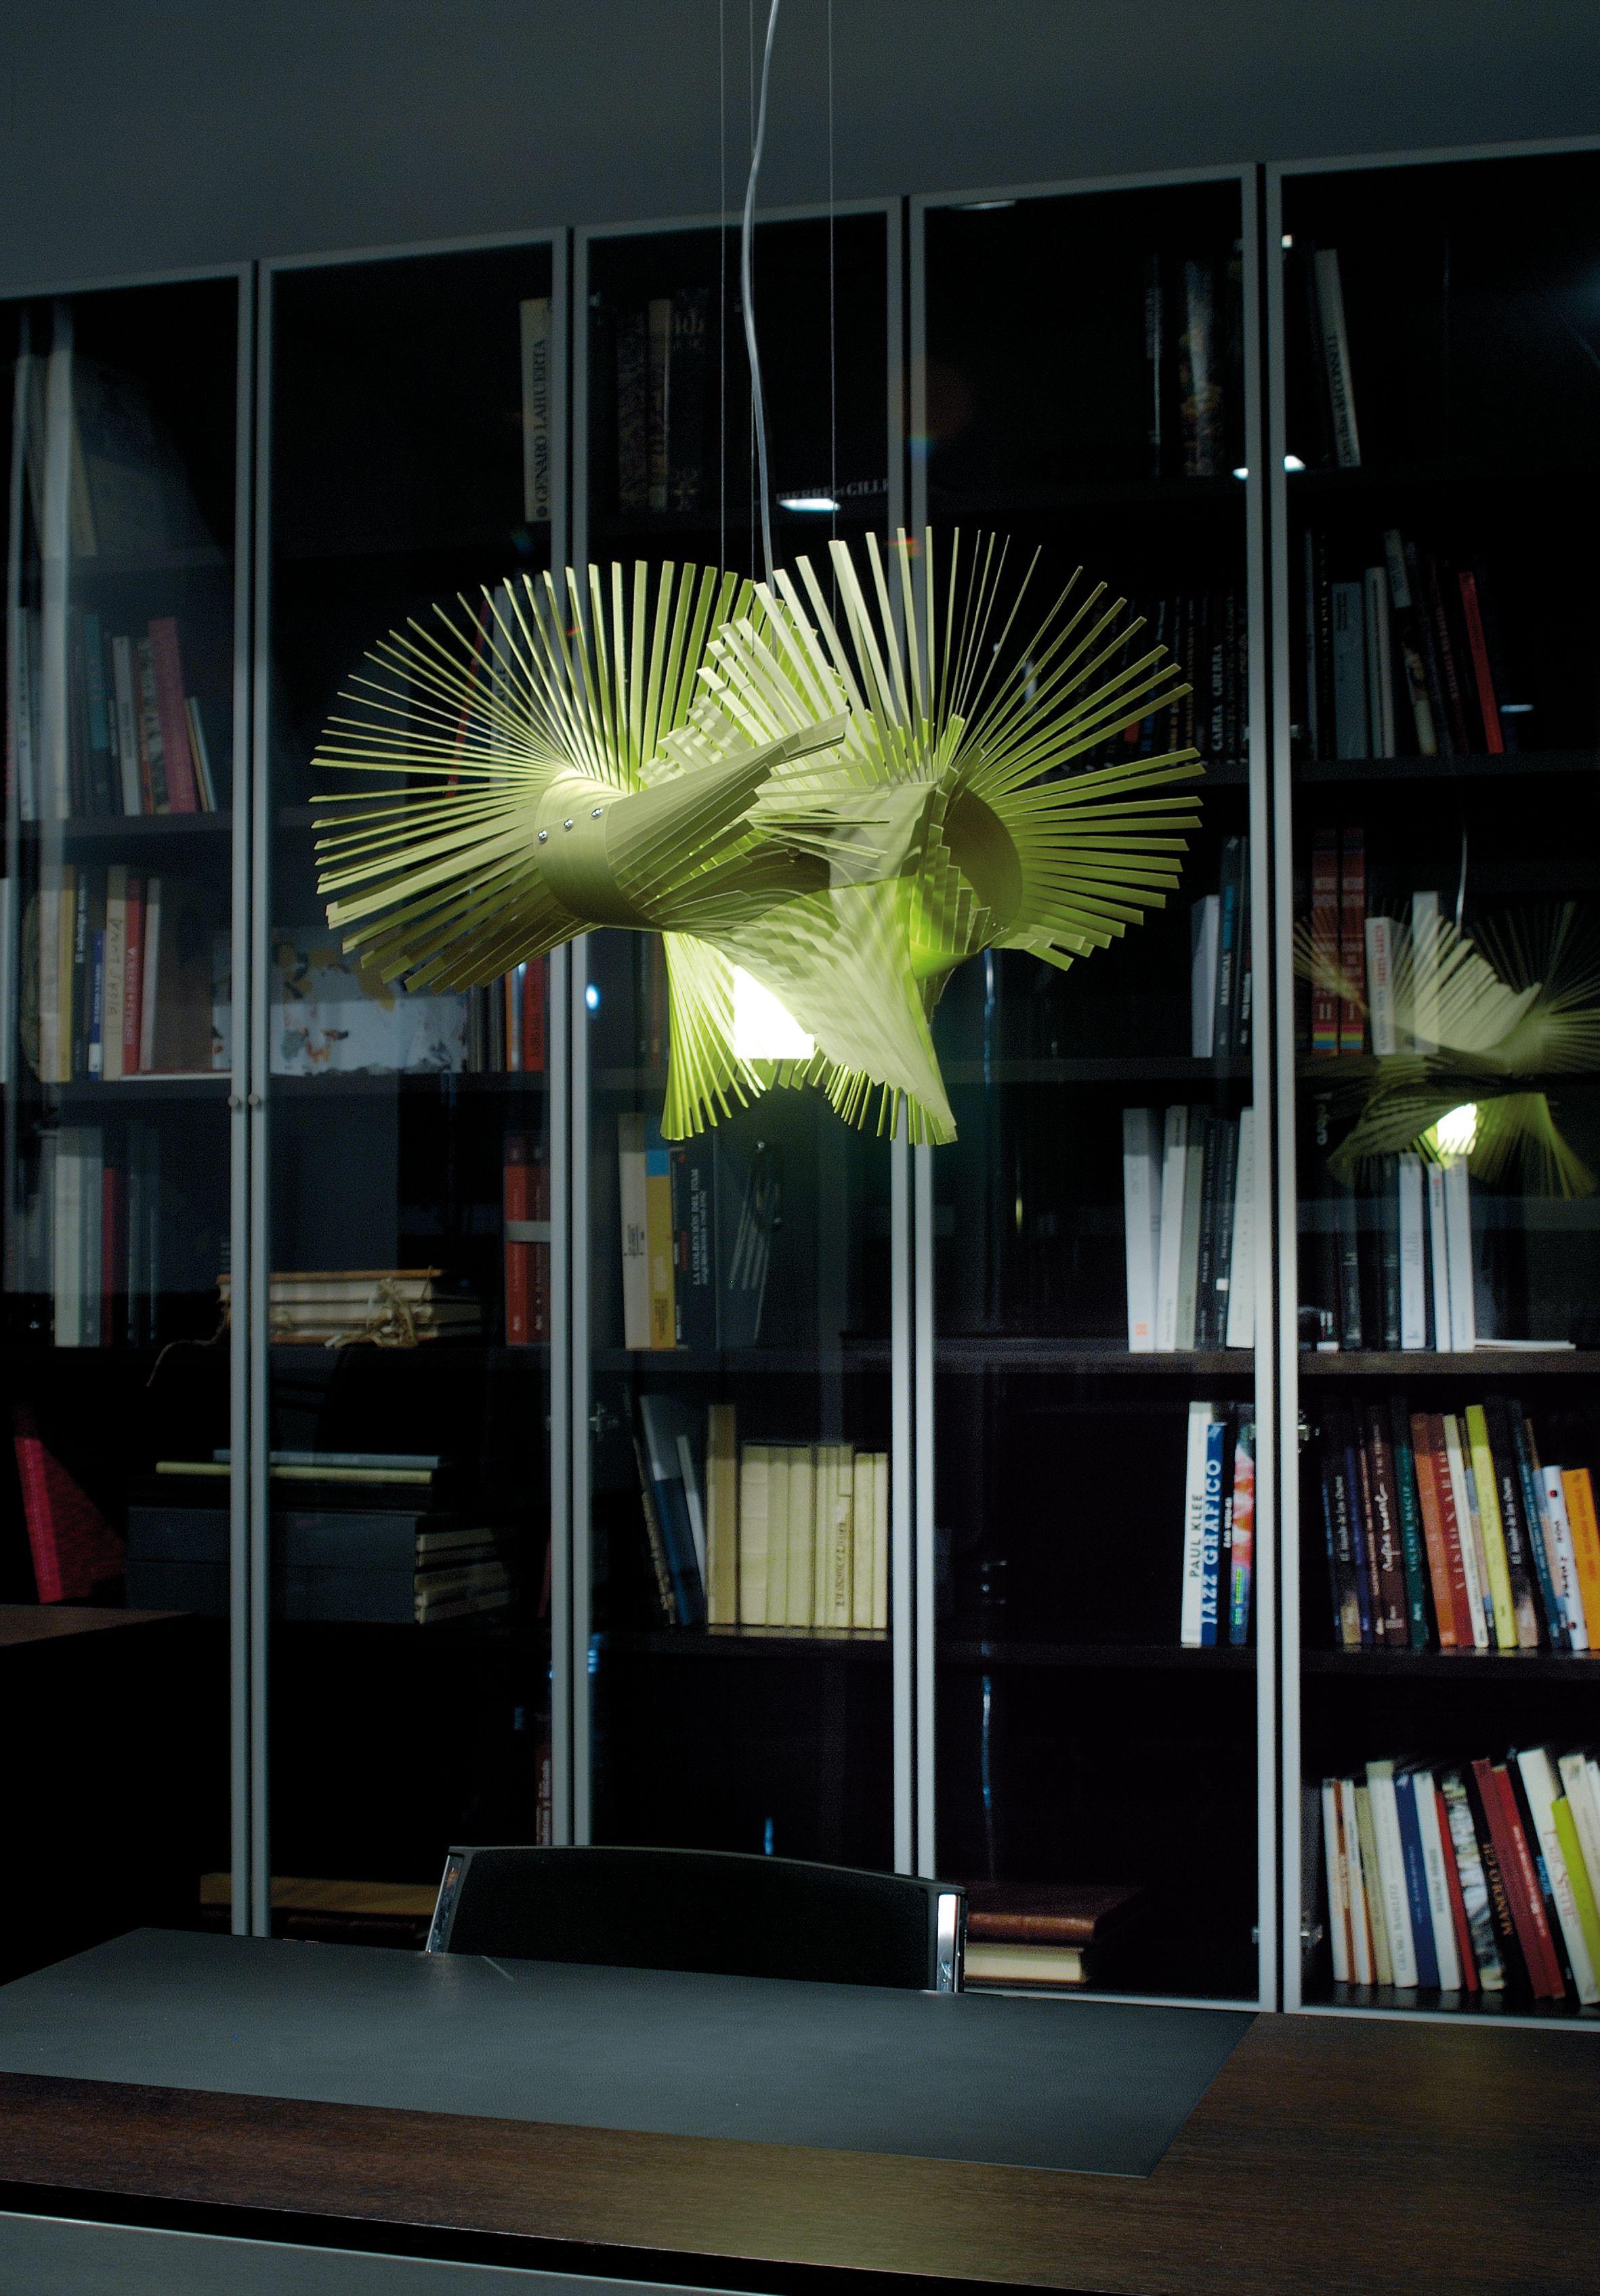 Daring, pícara e inconformista, la lámpara Mikado no deja a nadie indiferente. Un juego ancestral conocido como Mikado entra en nuestra casa gracias a la habilidad y destreza de Miguel Herranz. Una lámparas cuya tiras de madera desarrollarse en el aire y proyectar rayos hermosos de la habitación. - See more at: http://www.lzf-lamps.com/products/minimikado-s/#sthash.fjT5EH3e.dpuf